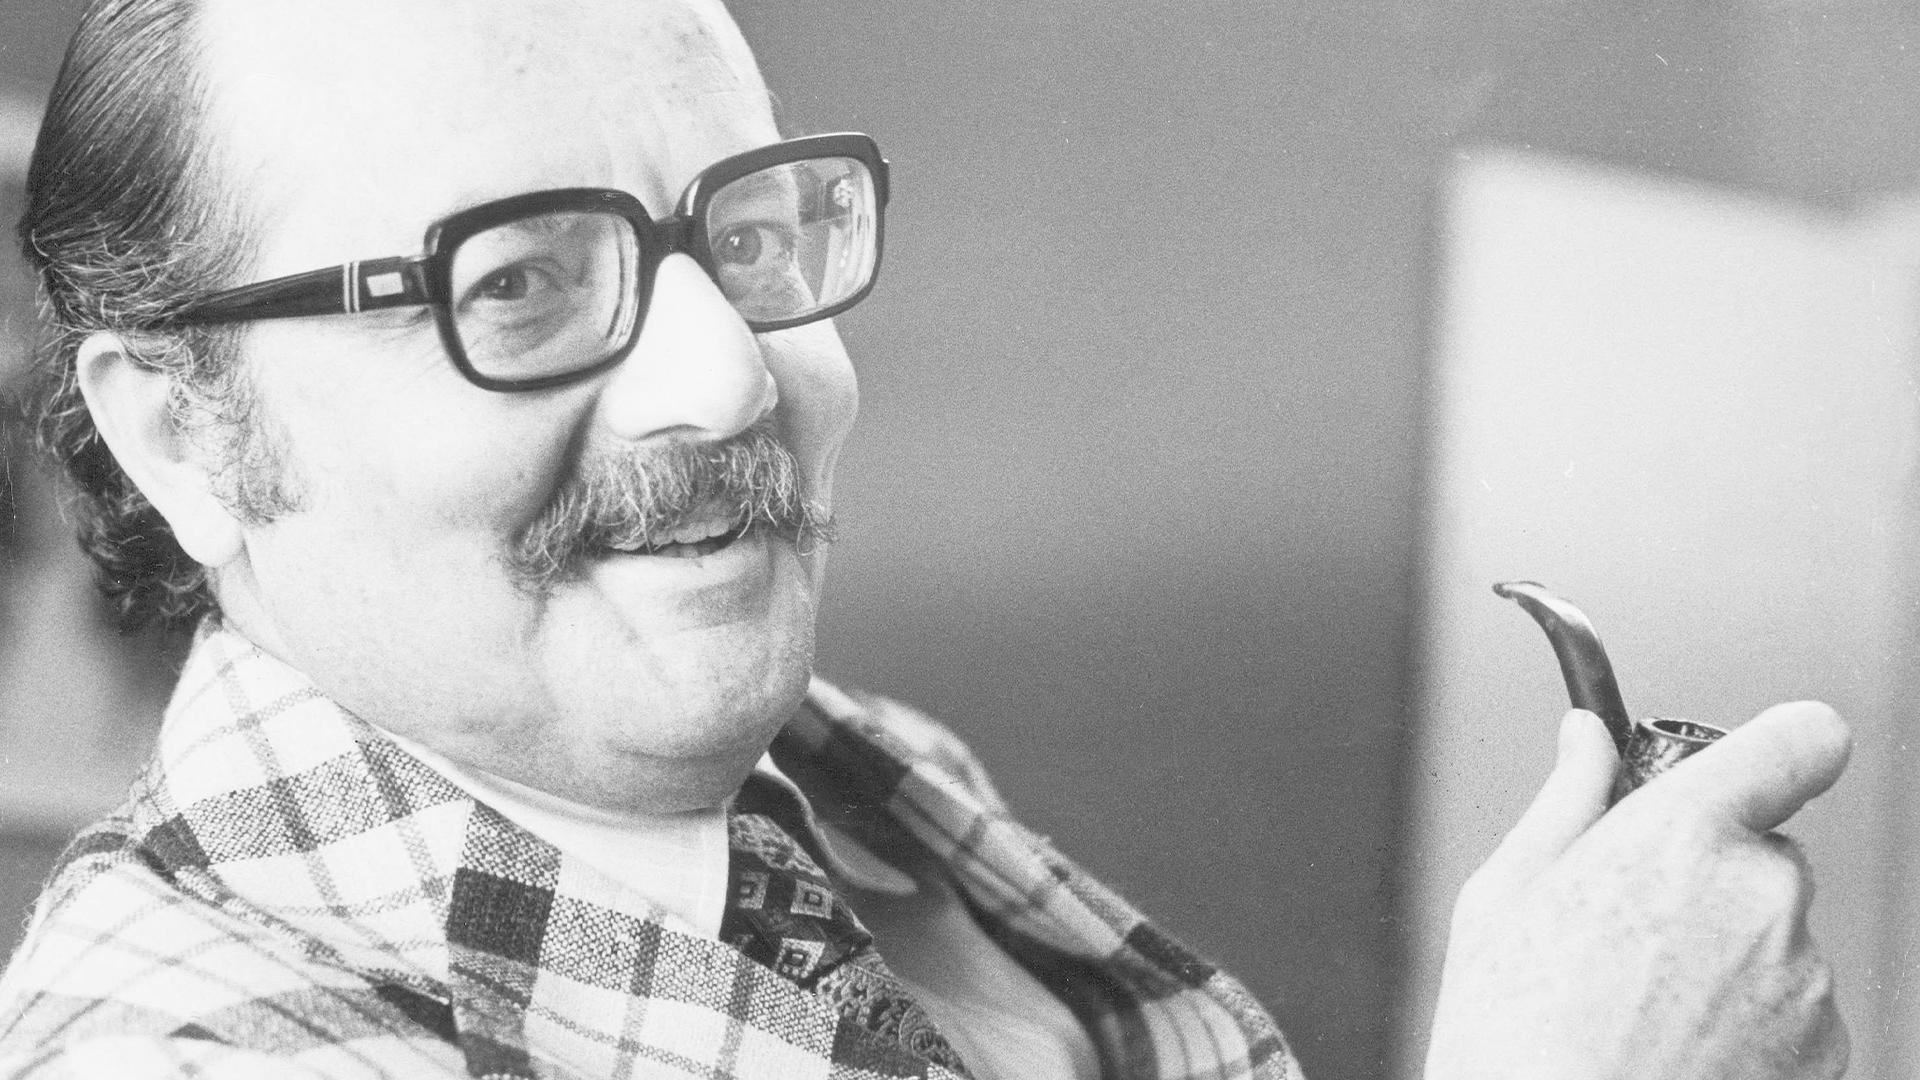 """A 7 años de la muerte de Simón Alberto Consalvi: """"Dichosos los tiempos en que, además de tabaco, había gramática"""""""